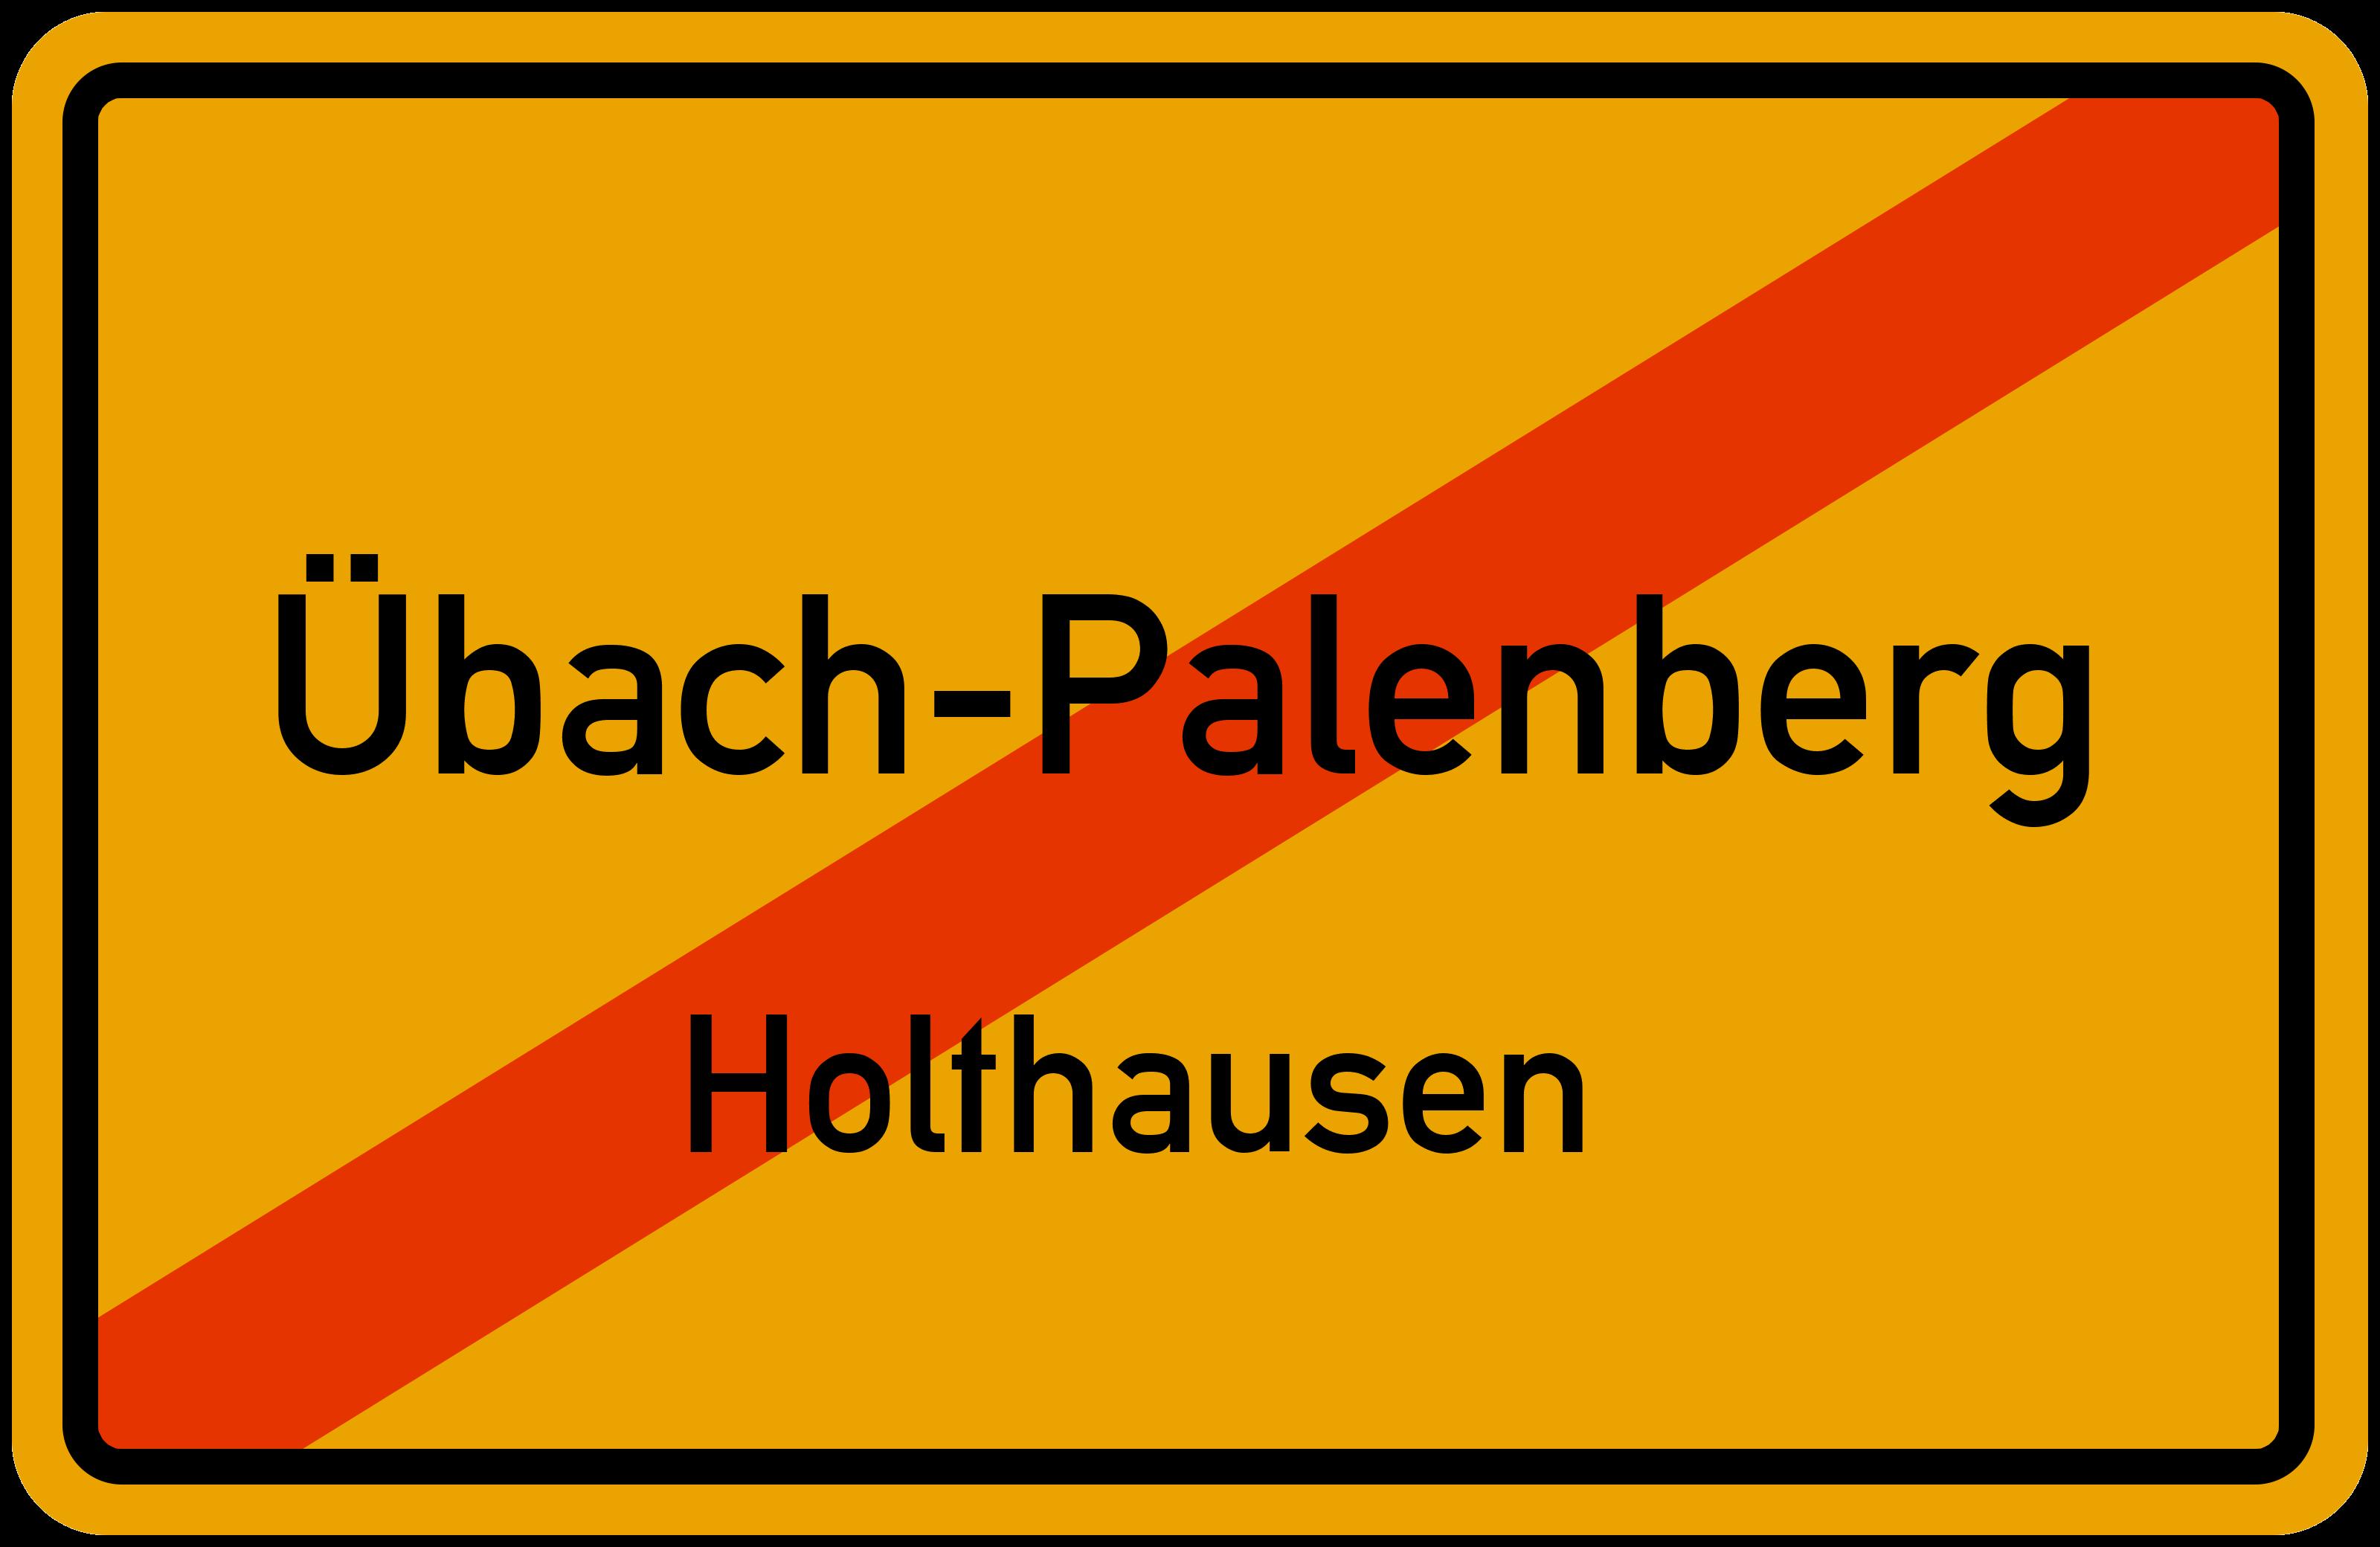 Ortsschild Ubach Palenberg Holthausen Kostenlos Download Drucken